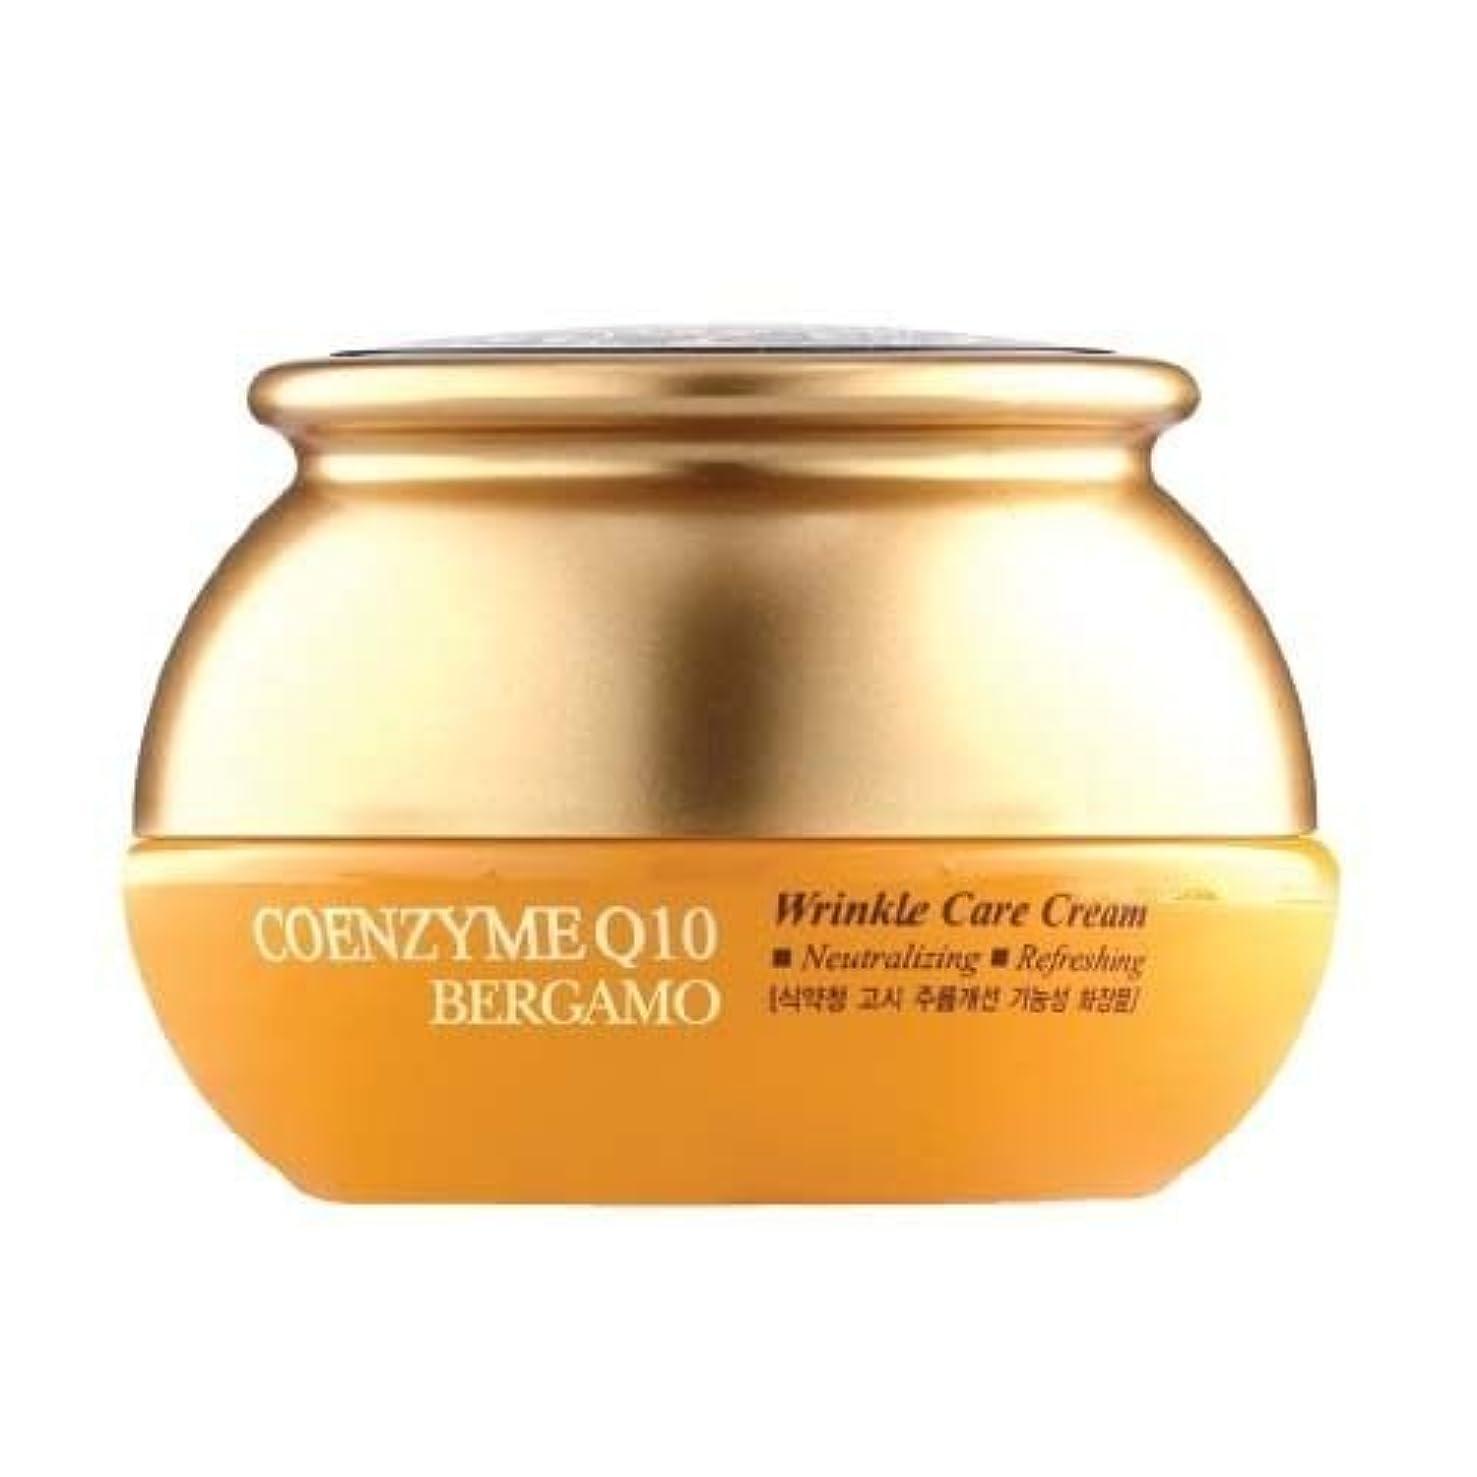 メロドラマ平和的鉱石ベルガモ[韓国コスメBergamo]Coenzyme Q10 Wrinkle Care Cream コエンザイムQ10リンクルケアクリーム50ml しわ管理 [並行輸入品]